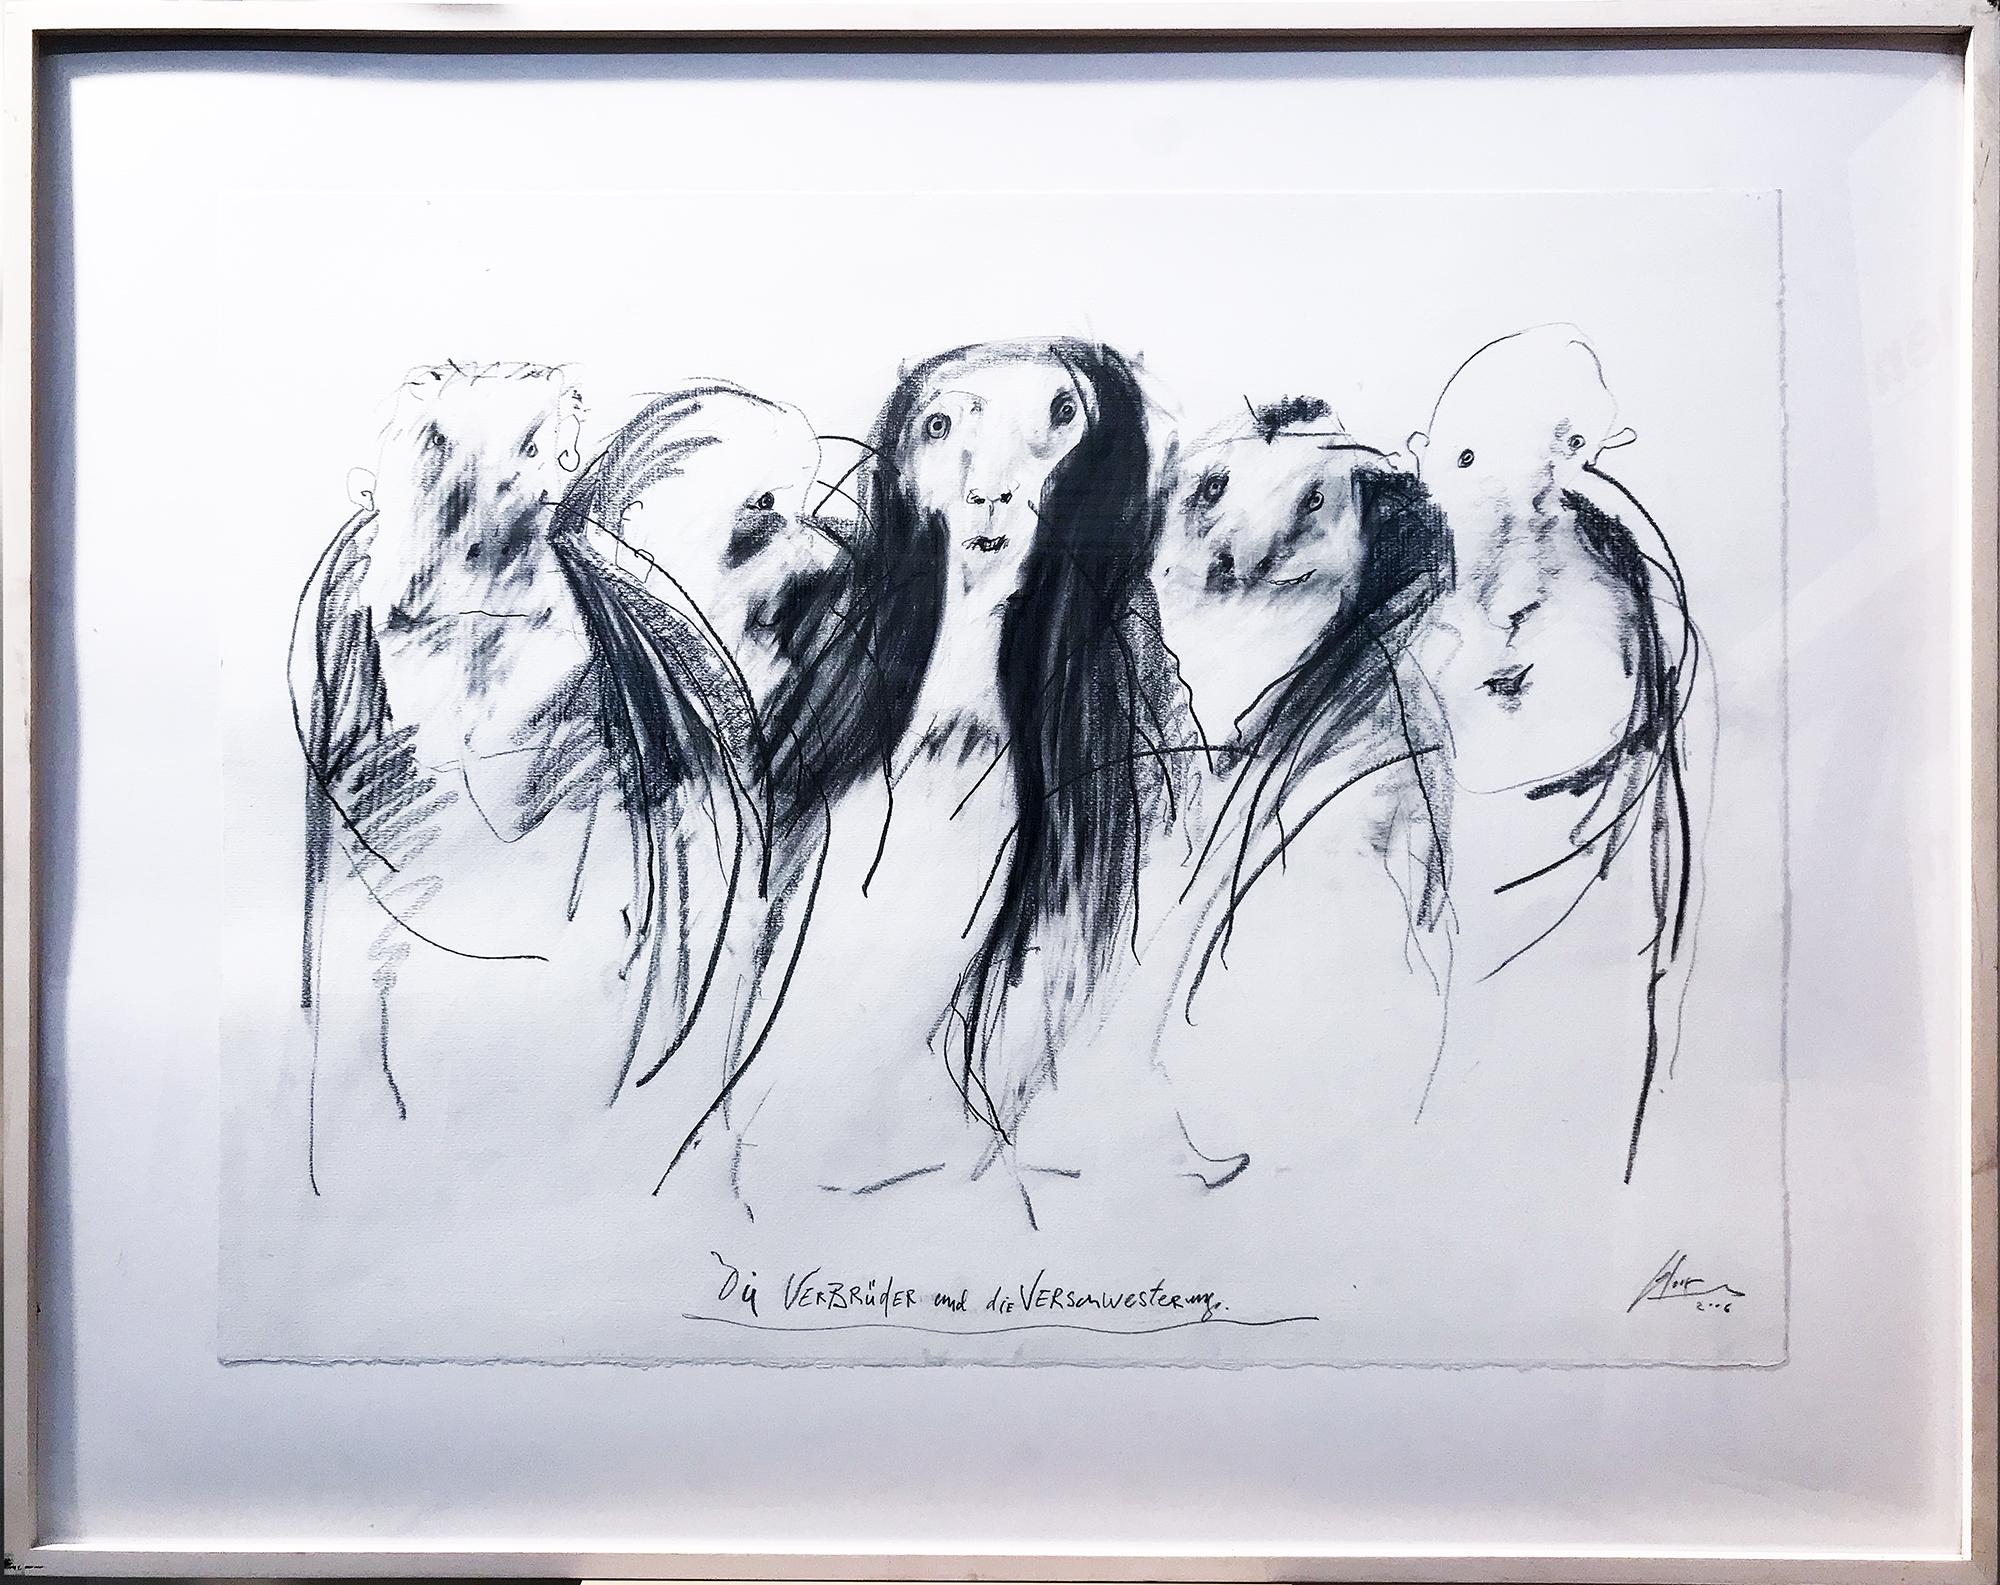 Die Verbrüderung und Verschwisterung, 2003, Mischtechnik auf Zeichenpapier, 77 x 58 cm, Holzrahmen, Rahmenmass 97 x 77 cm